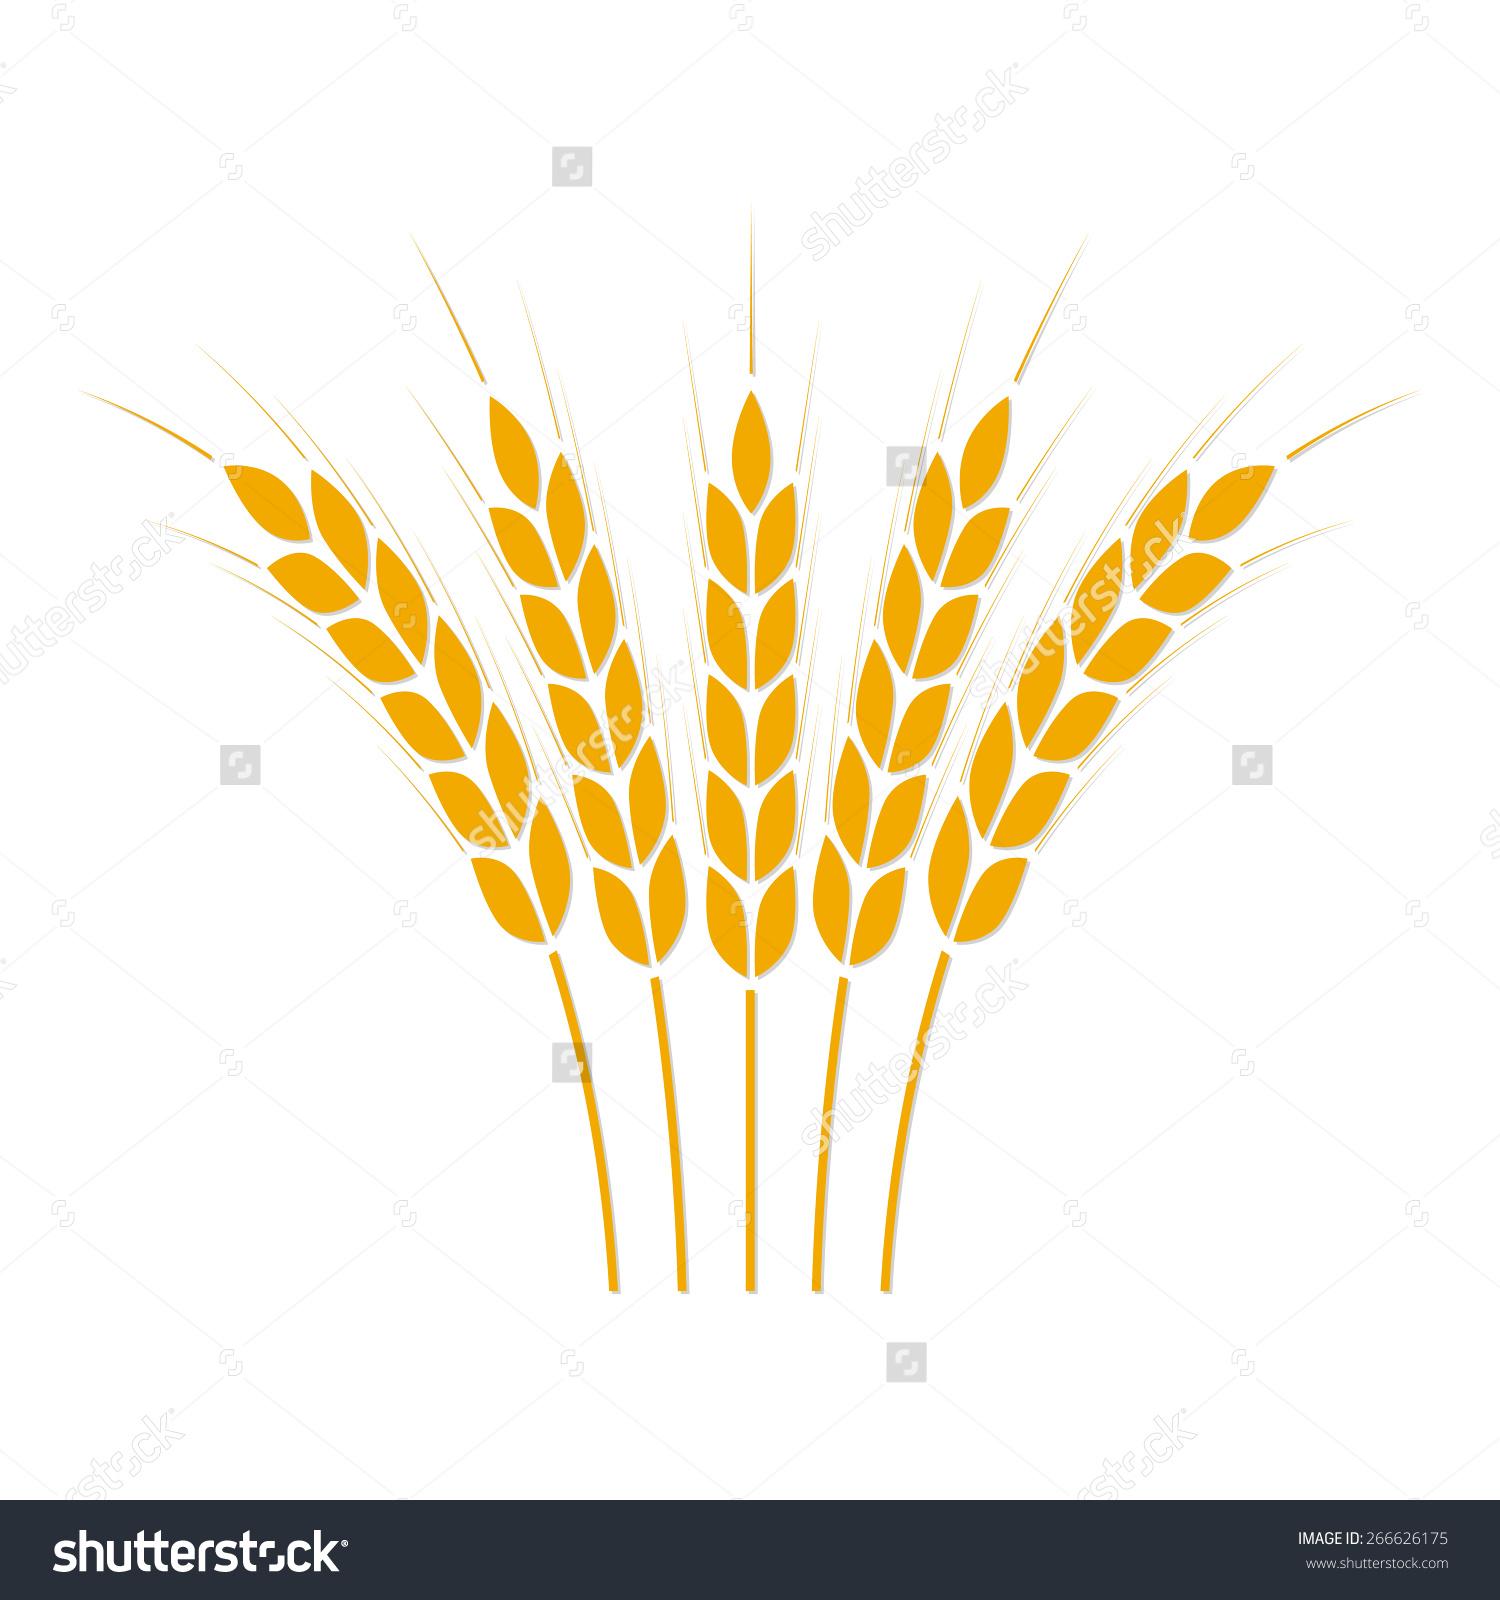 Clip art of crops.